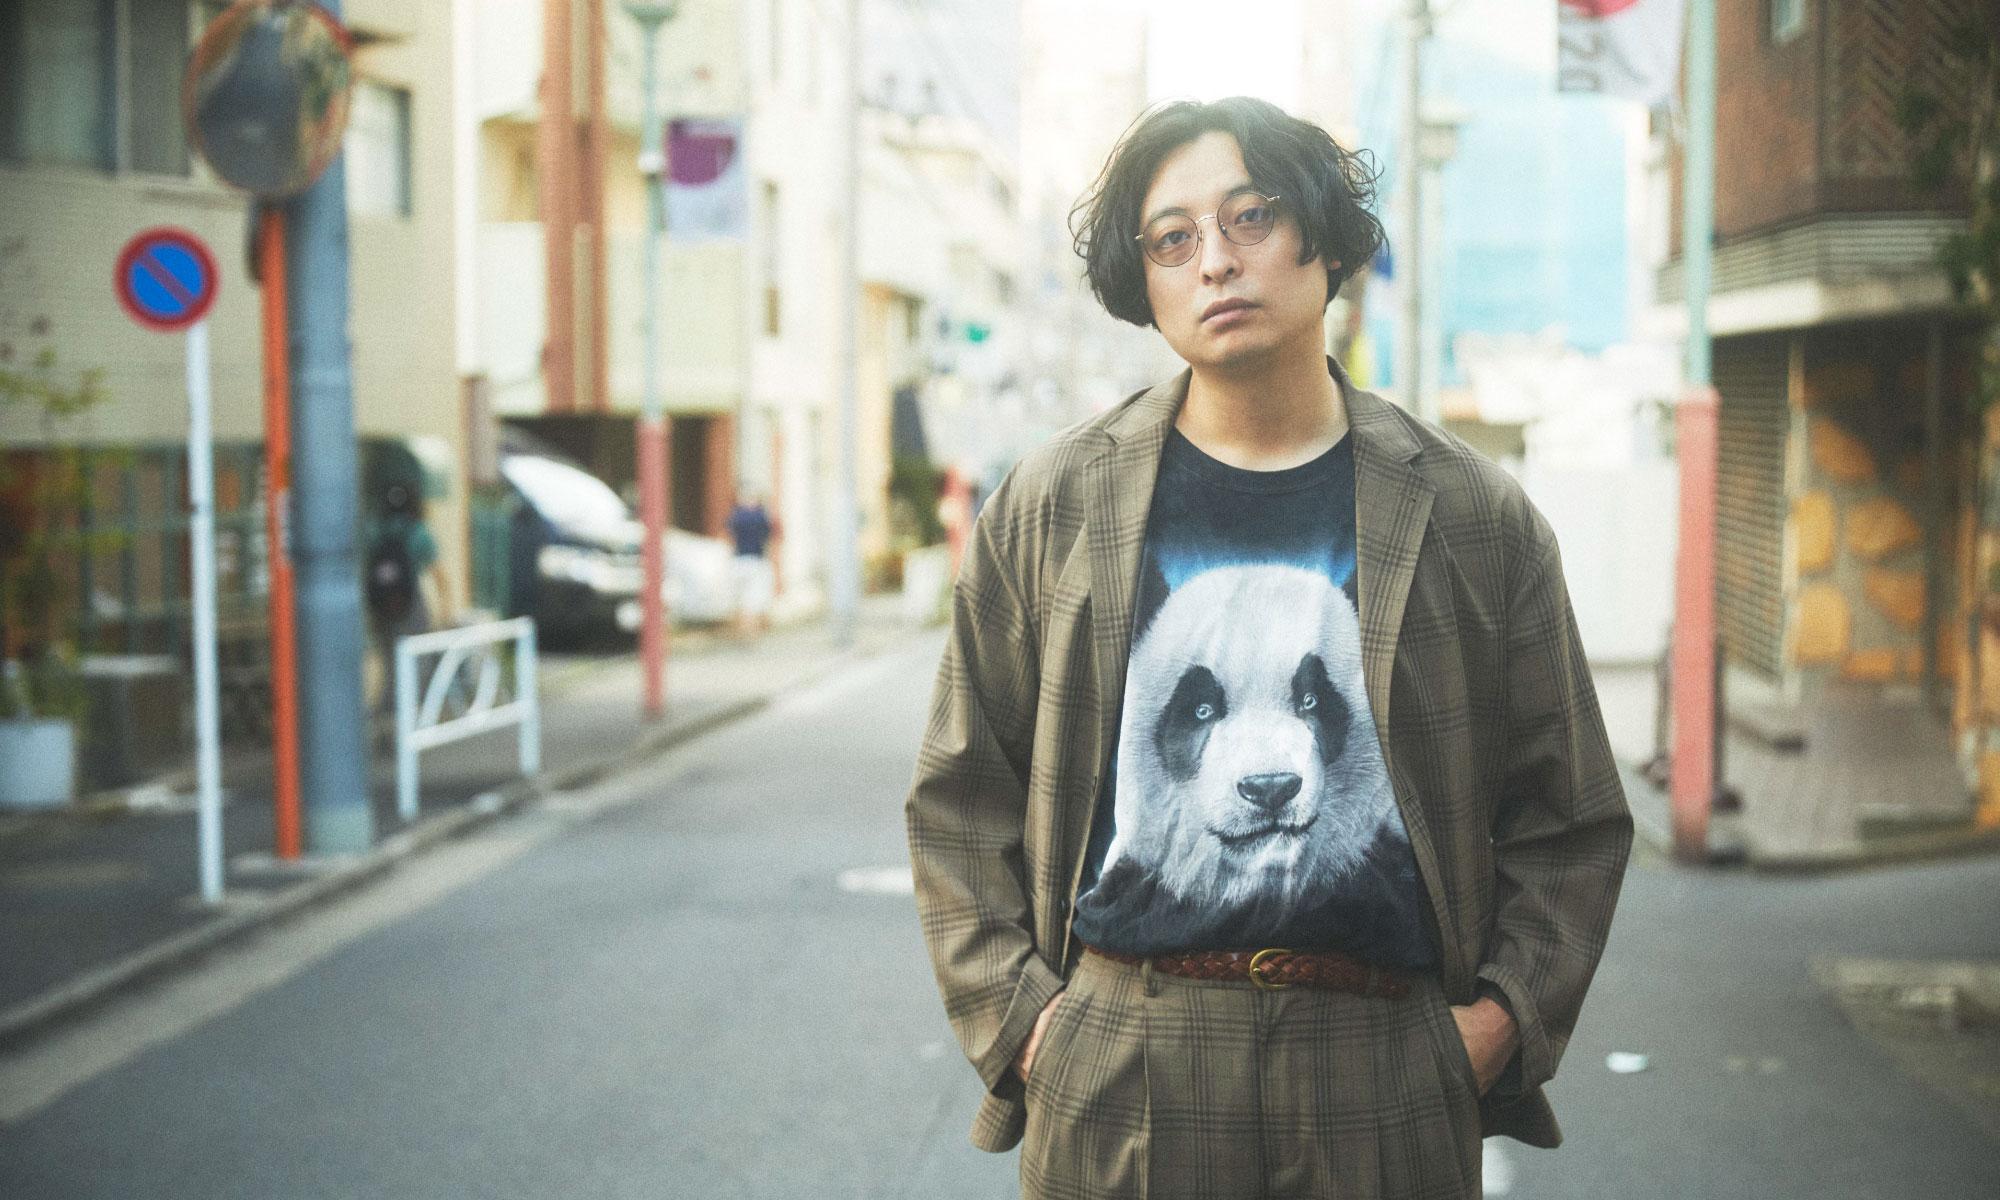 Kazuhiro Bessho